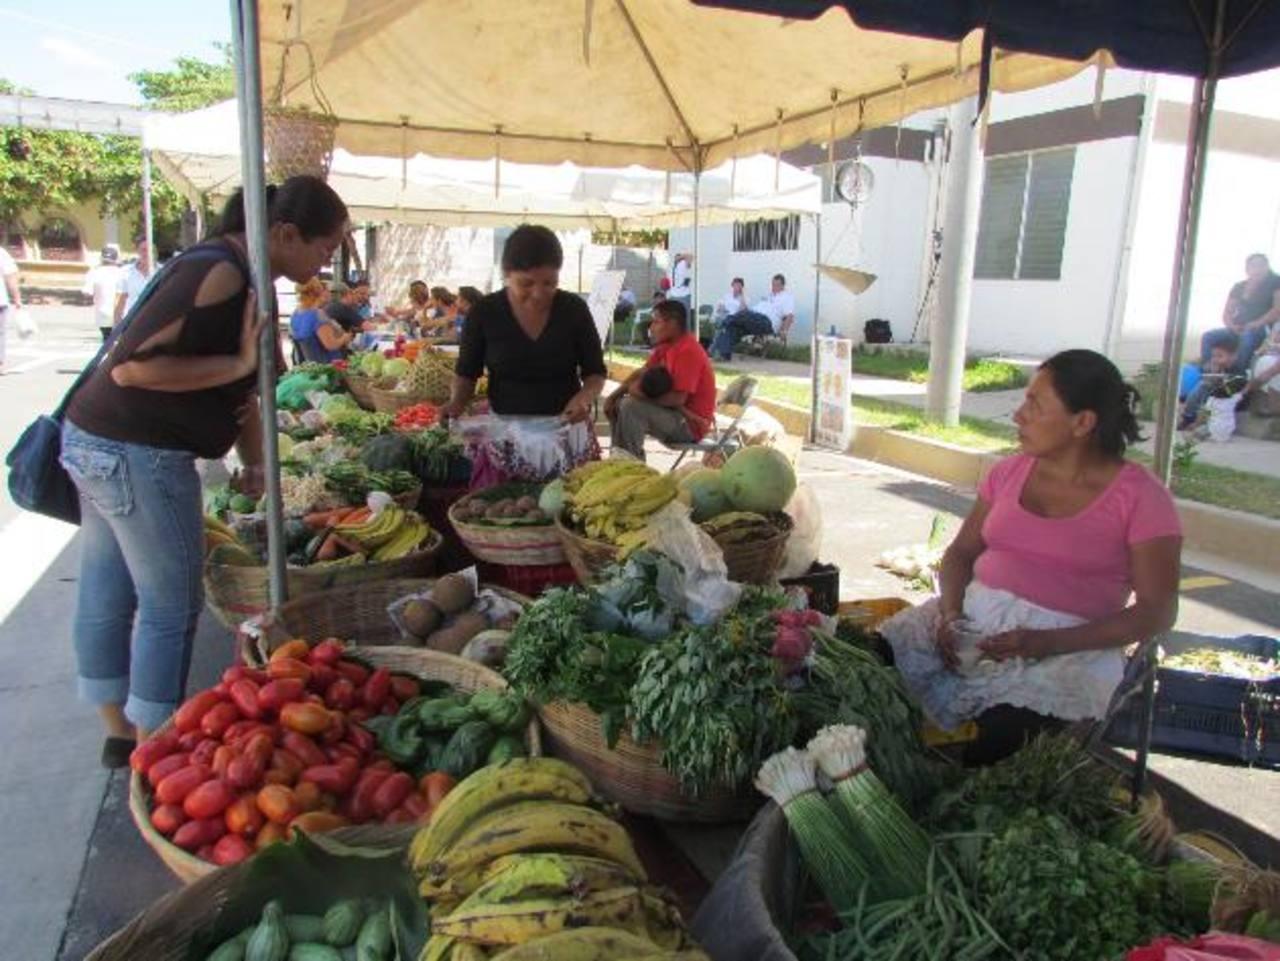 Fonavipo dijo que no solo harán agro mercados en los condominios sino también ferias de empleo y jornadas médicas. Foto EDH / mauricio guevara